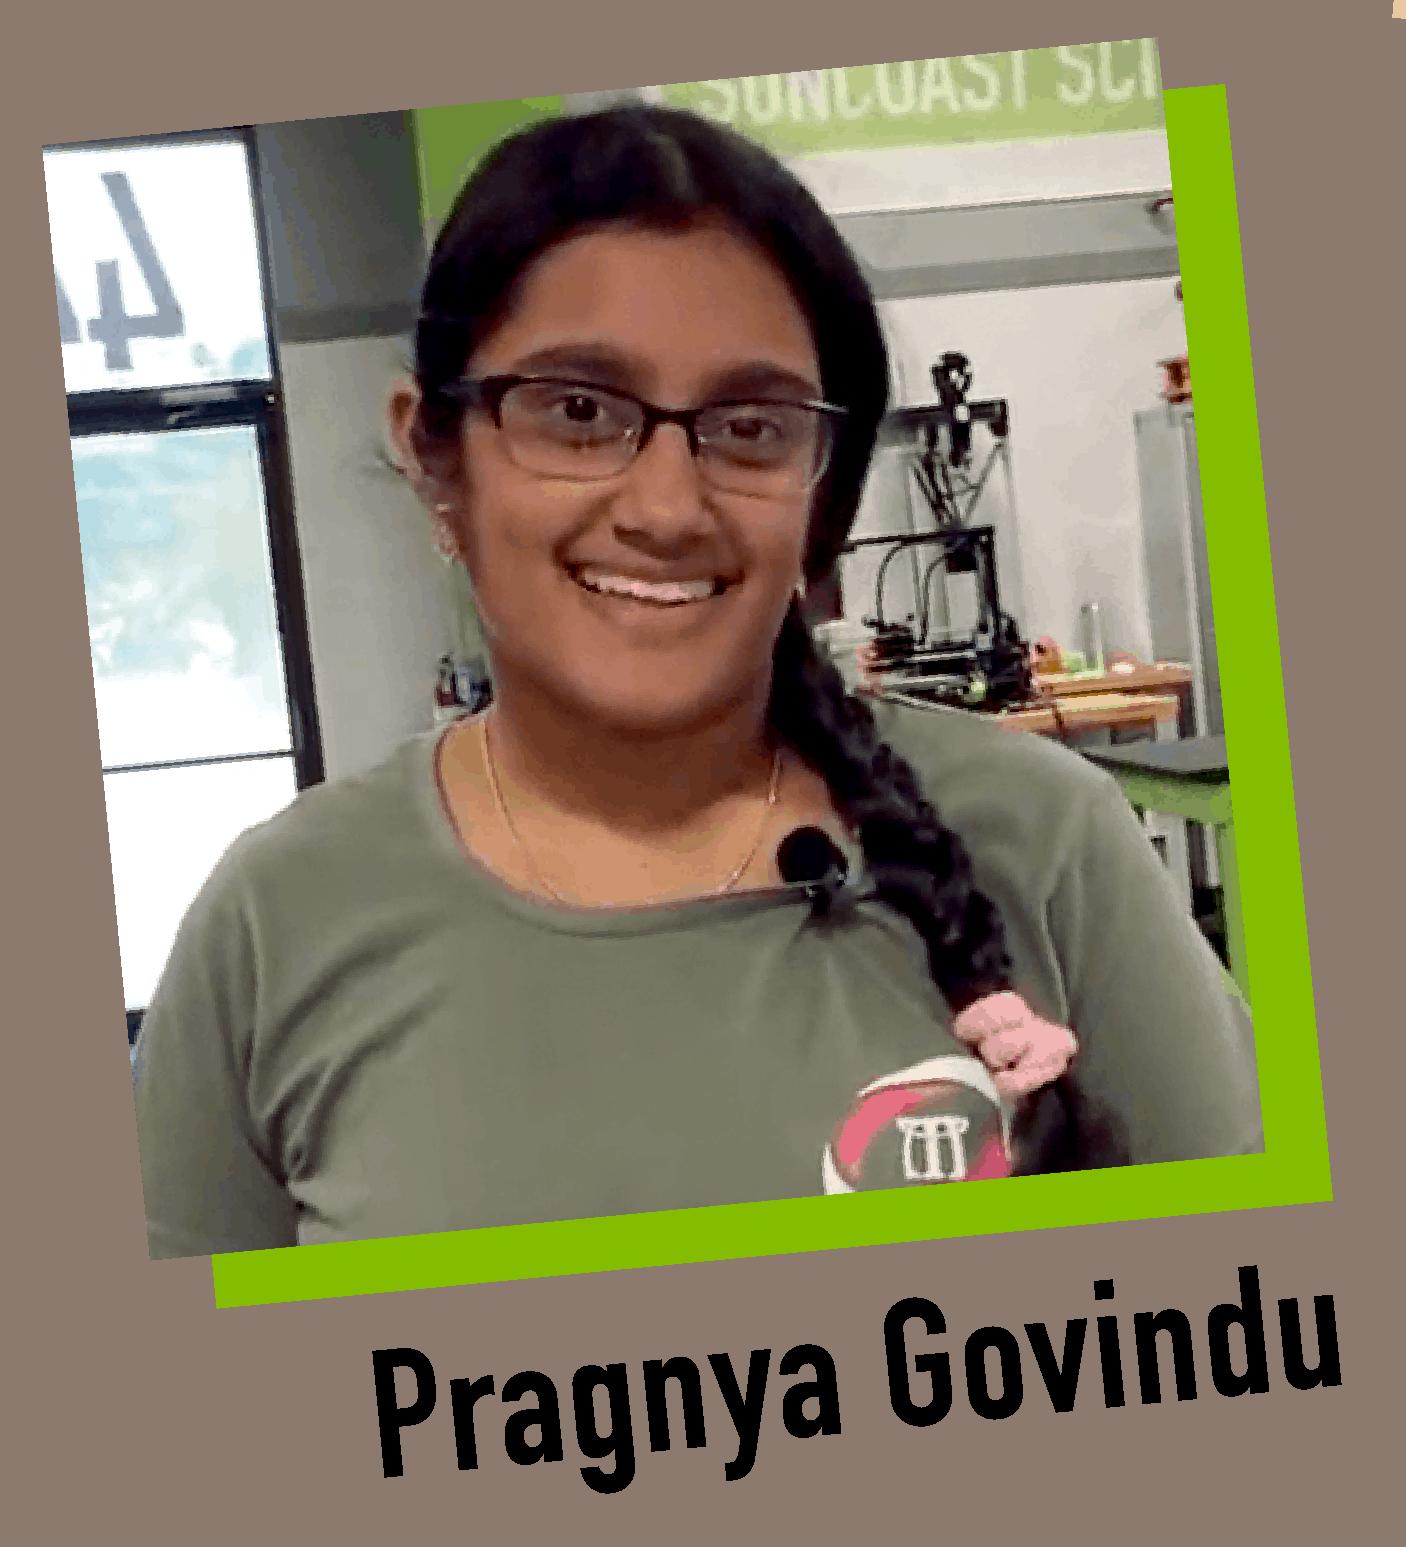 Pragnya Govindu